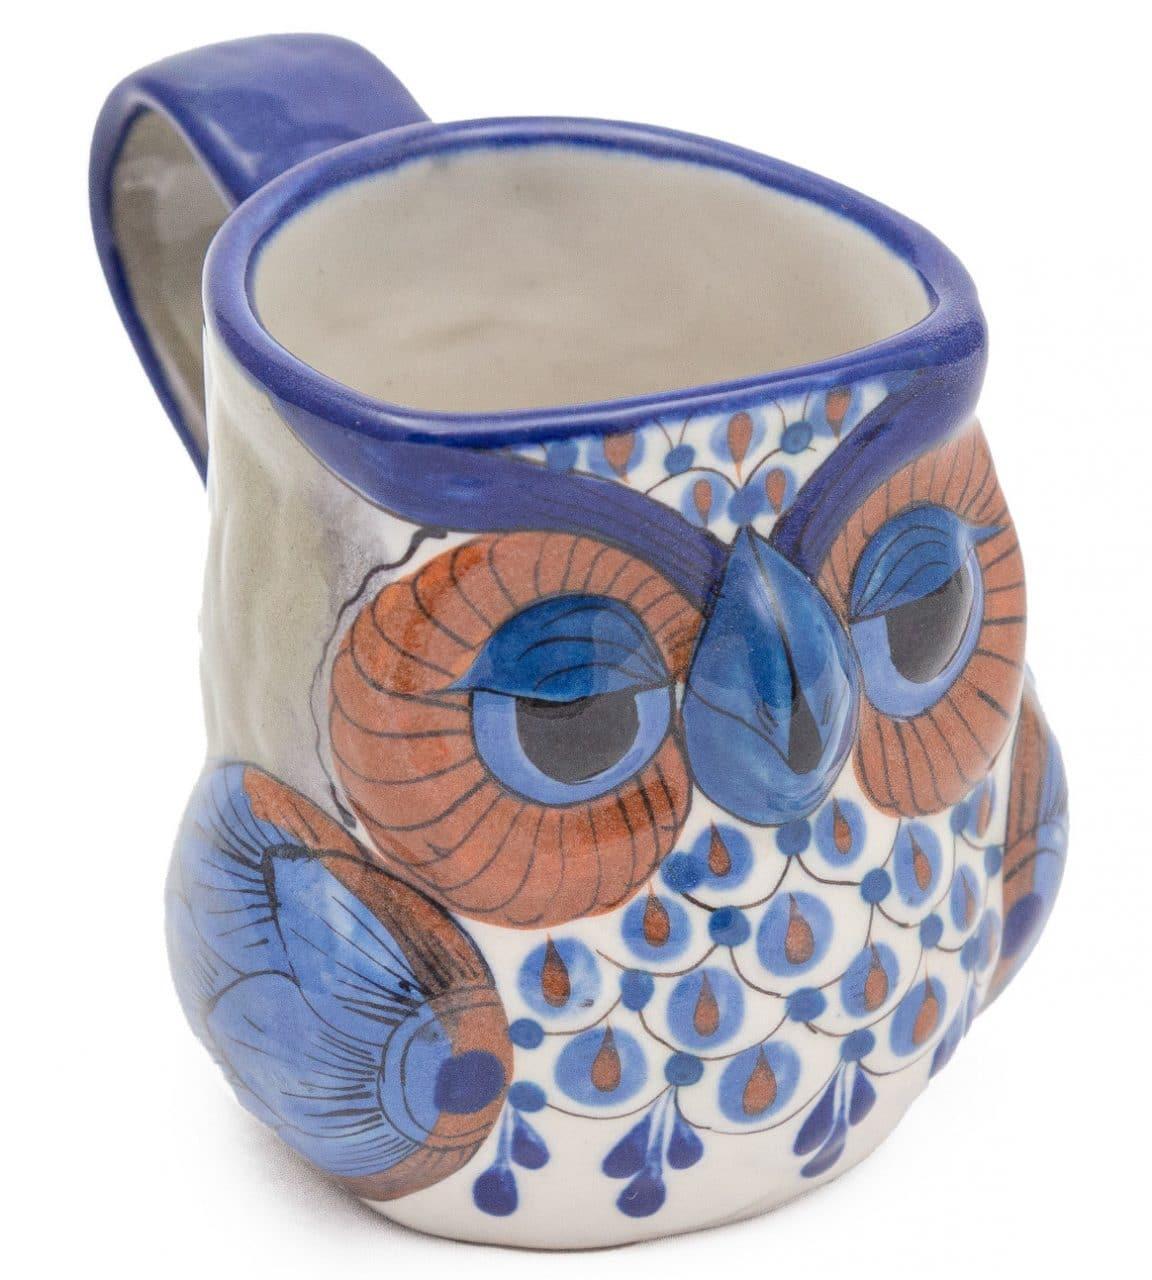 Hand-Painted Stoneware Owl Mug